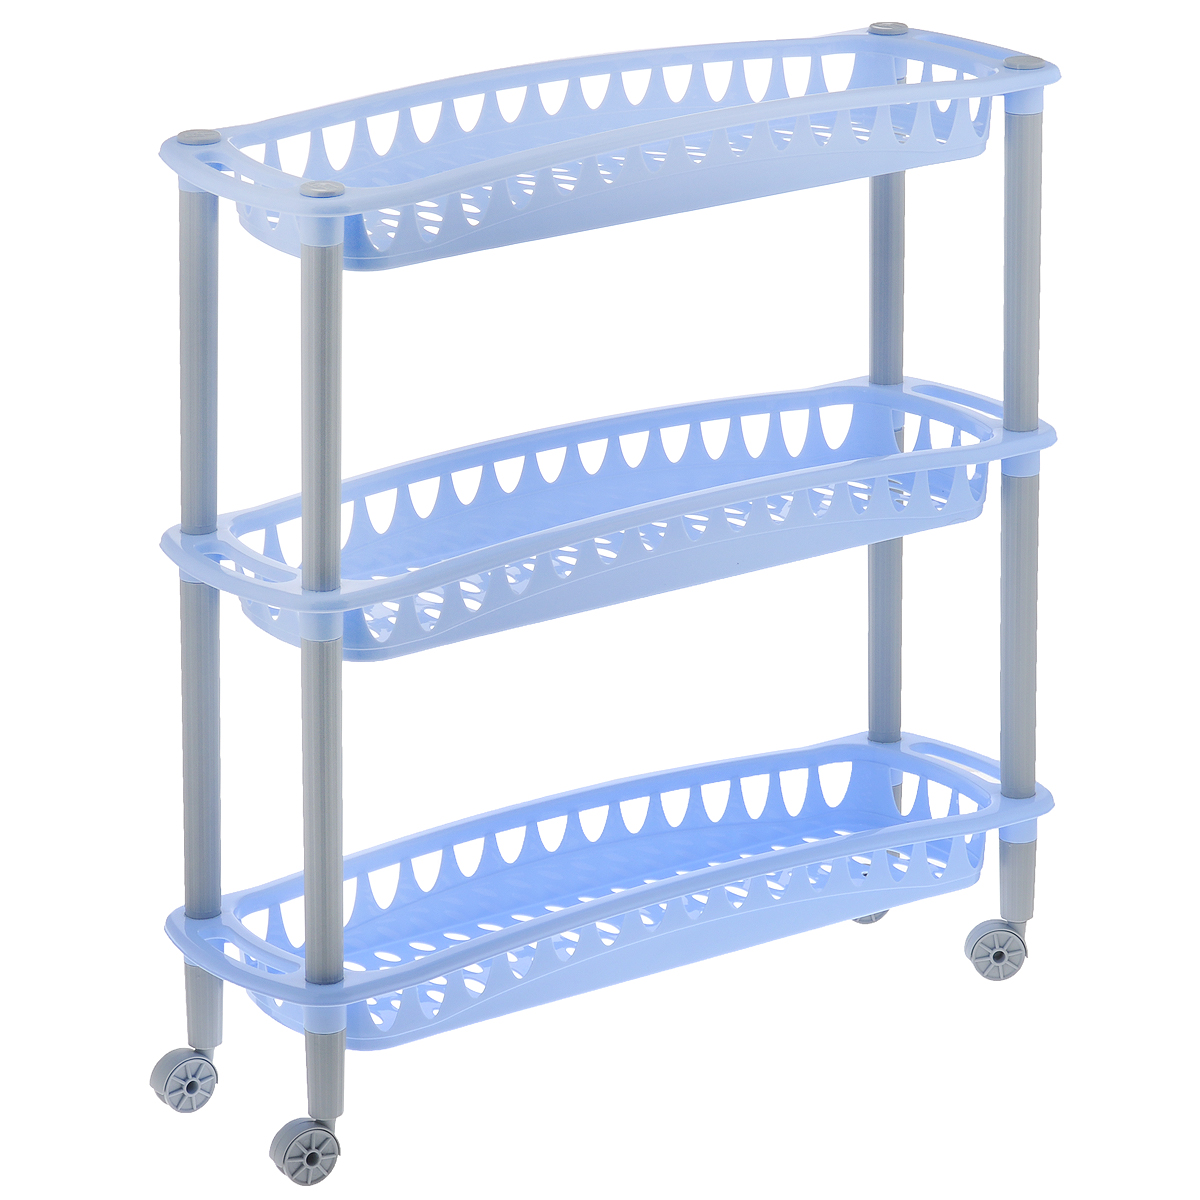 Этажерка Бытпласт Джулия, 3-ярусная, цвет: голубой, на колесиках, 59 х 18 х 61 смС12415Этажерка Бытпласт Джулия выполнена из высококачественного прочного пластика и предназначена для хранения различных предметов. Изделие имеет 3 полки прямоугольной формы с перфорированными стенками. Благодаря колесикам этажерку можно перемещать в любую сторону без особых усилий. В ванной комнате вы можете использовать этажерку для хранения шампуней, гелей, жидкого мыла, стиральных порошков, полотенец и т.д. Ручной инструмент и детали в вашем гараже всегда будут под рукой. Удобно ставить банки с краской, бутылки с растворителем. В гостиной этажерка позволит удобно хранить под рукой книги, журналы, газеты. С помощью этажерки также легко навести порядок в детской, она позволит удобно и компактно хранить игрушки, письменные принадлежности и учебники. Этажерка - это идеальное решение для любого помещения. Она поможет поддерживать чистоту, компактно организовать пространство и хранить вещи в порядке, а стильный дизайн сделает этажерку ярким украшением интерьера.Размер этажерки (ДхШхВ): 59 см х 18 см х 61 см. Размер полки (ДхШхВ): 59 см х 18 см х 6,5 см.